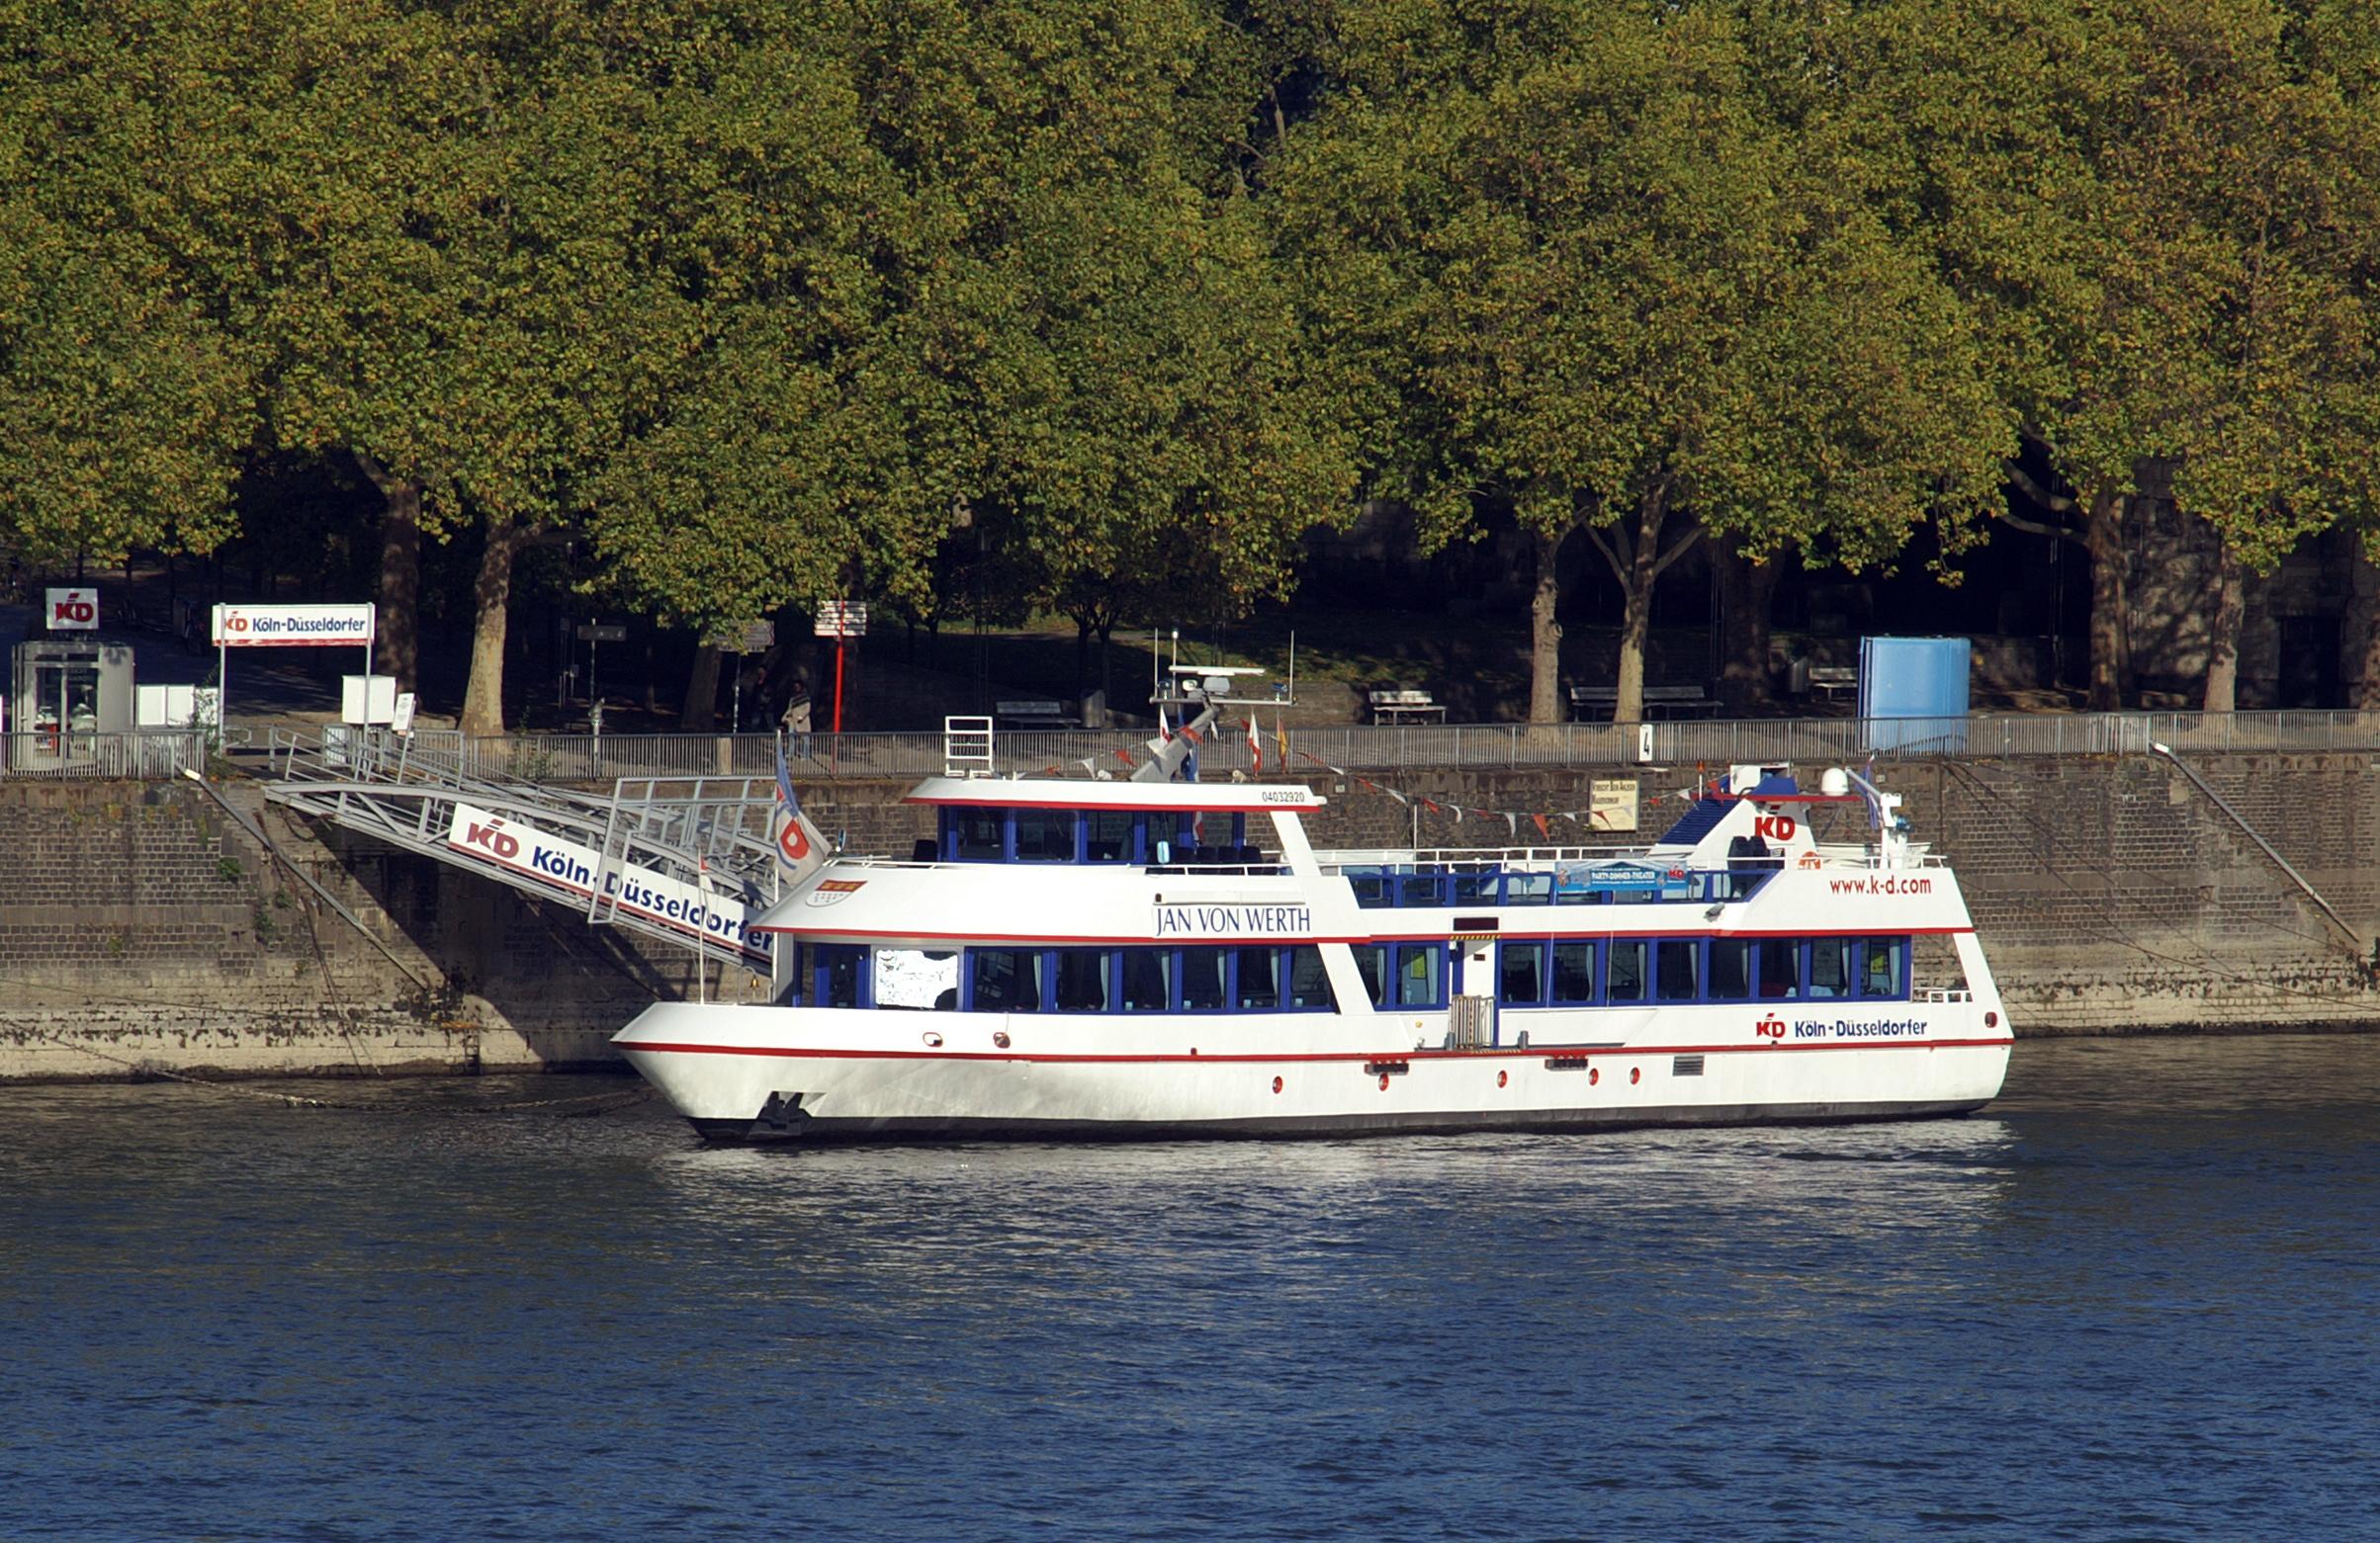 Maritime Bad Godesberg : RheinEnergie (seit 2004) Das größte Eventschiff auf europäischen